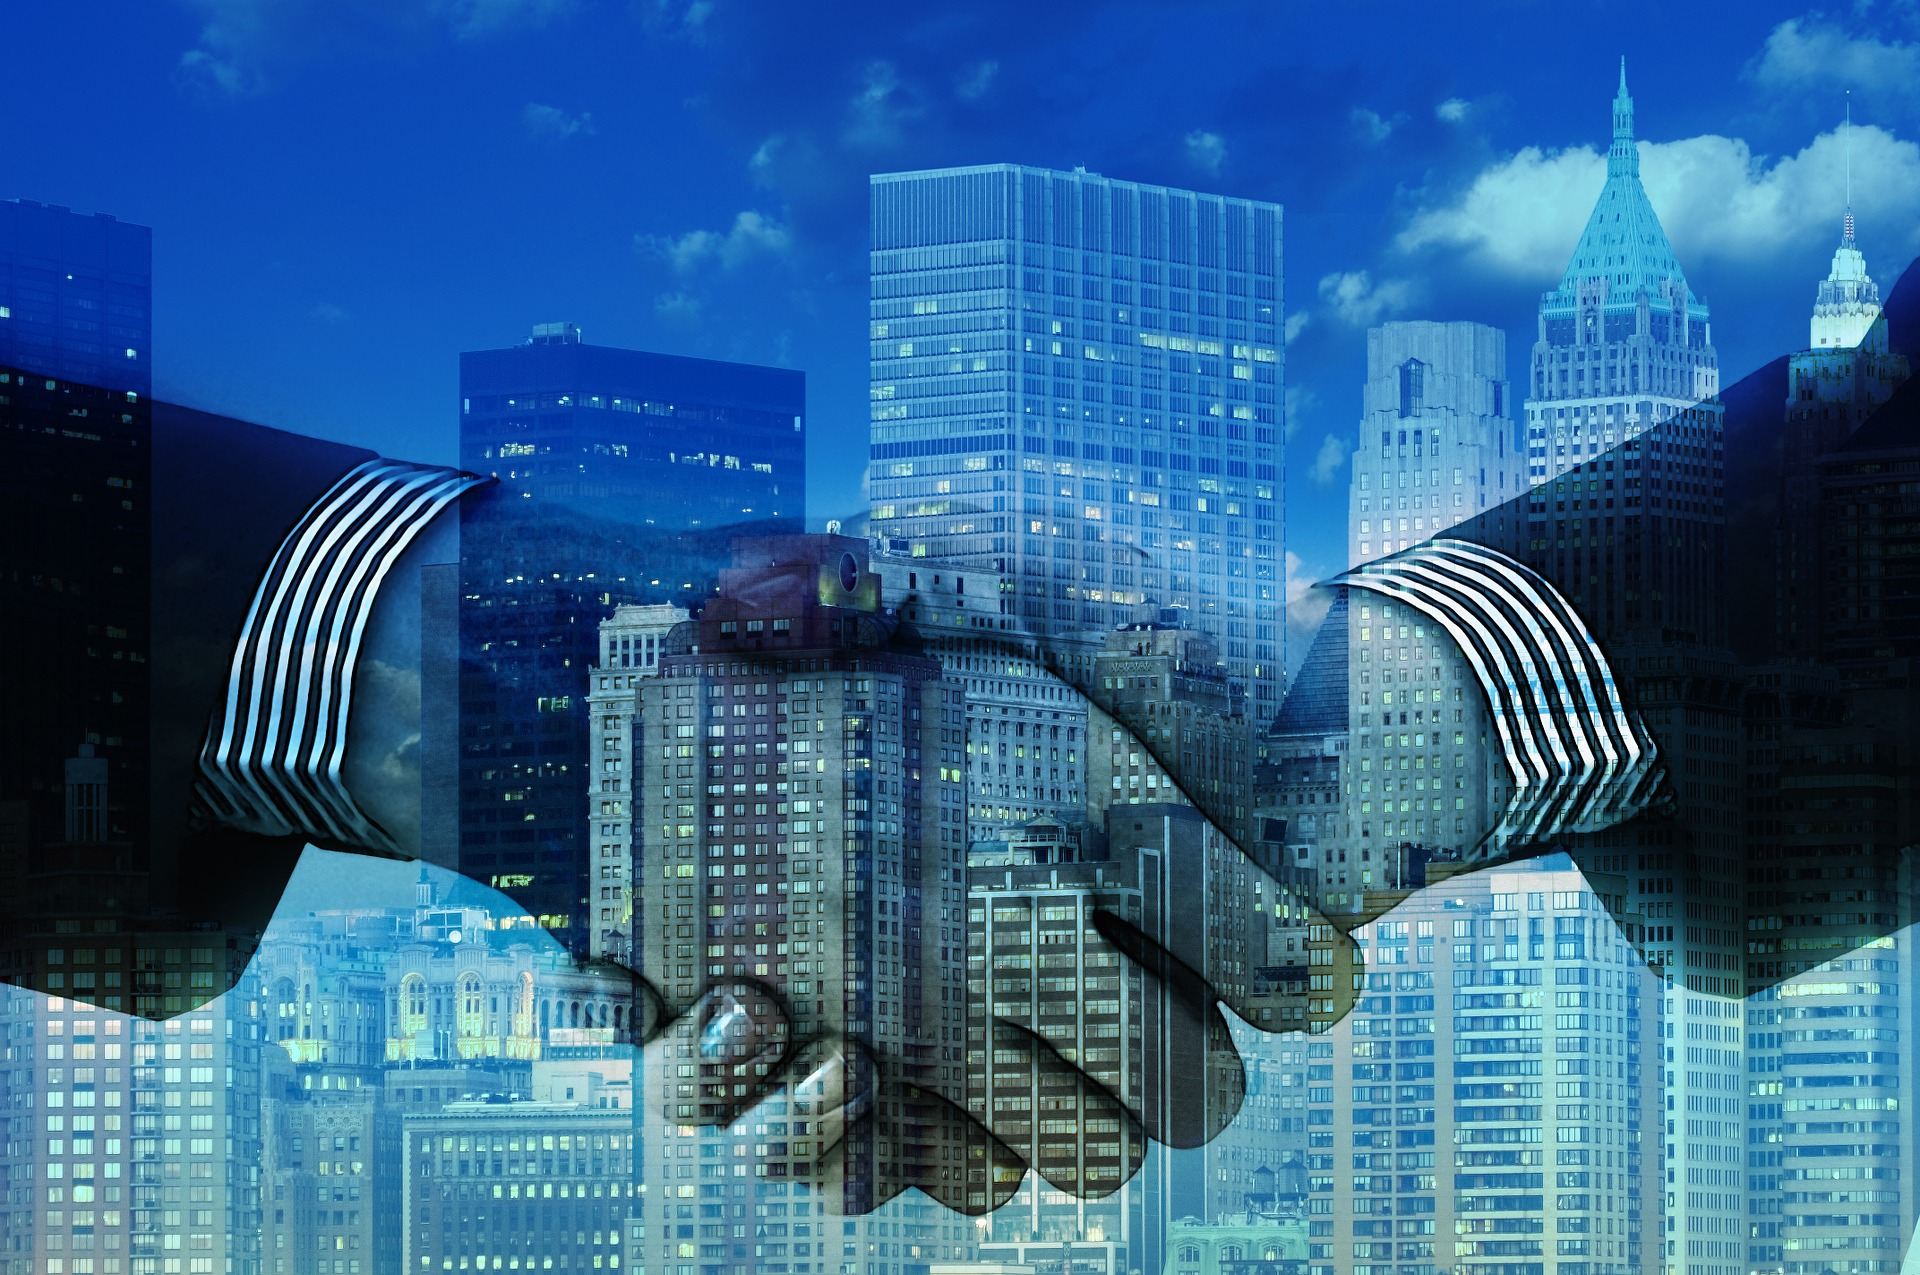 Alianzas estratégicas, oportunidad de crecimiento: MIT Sloan